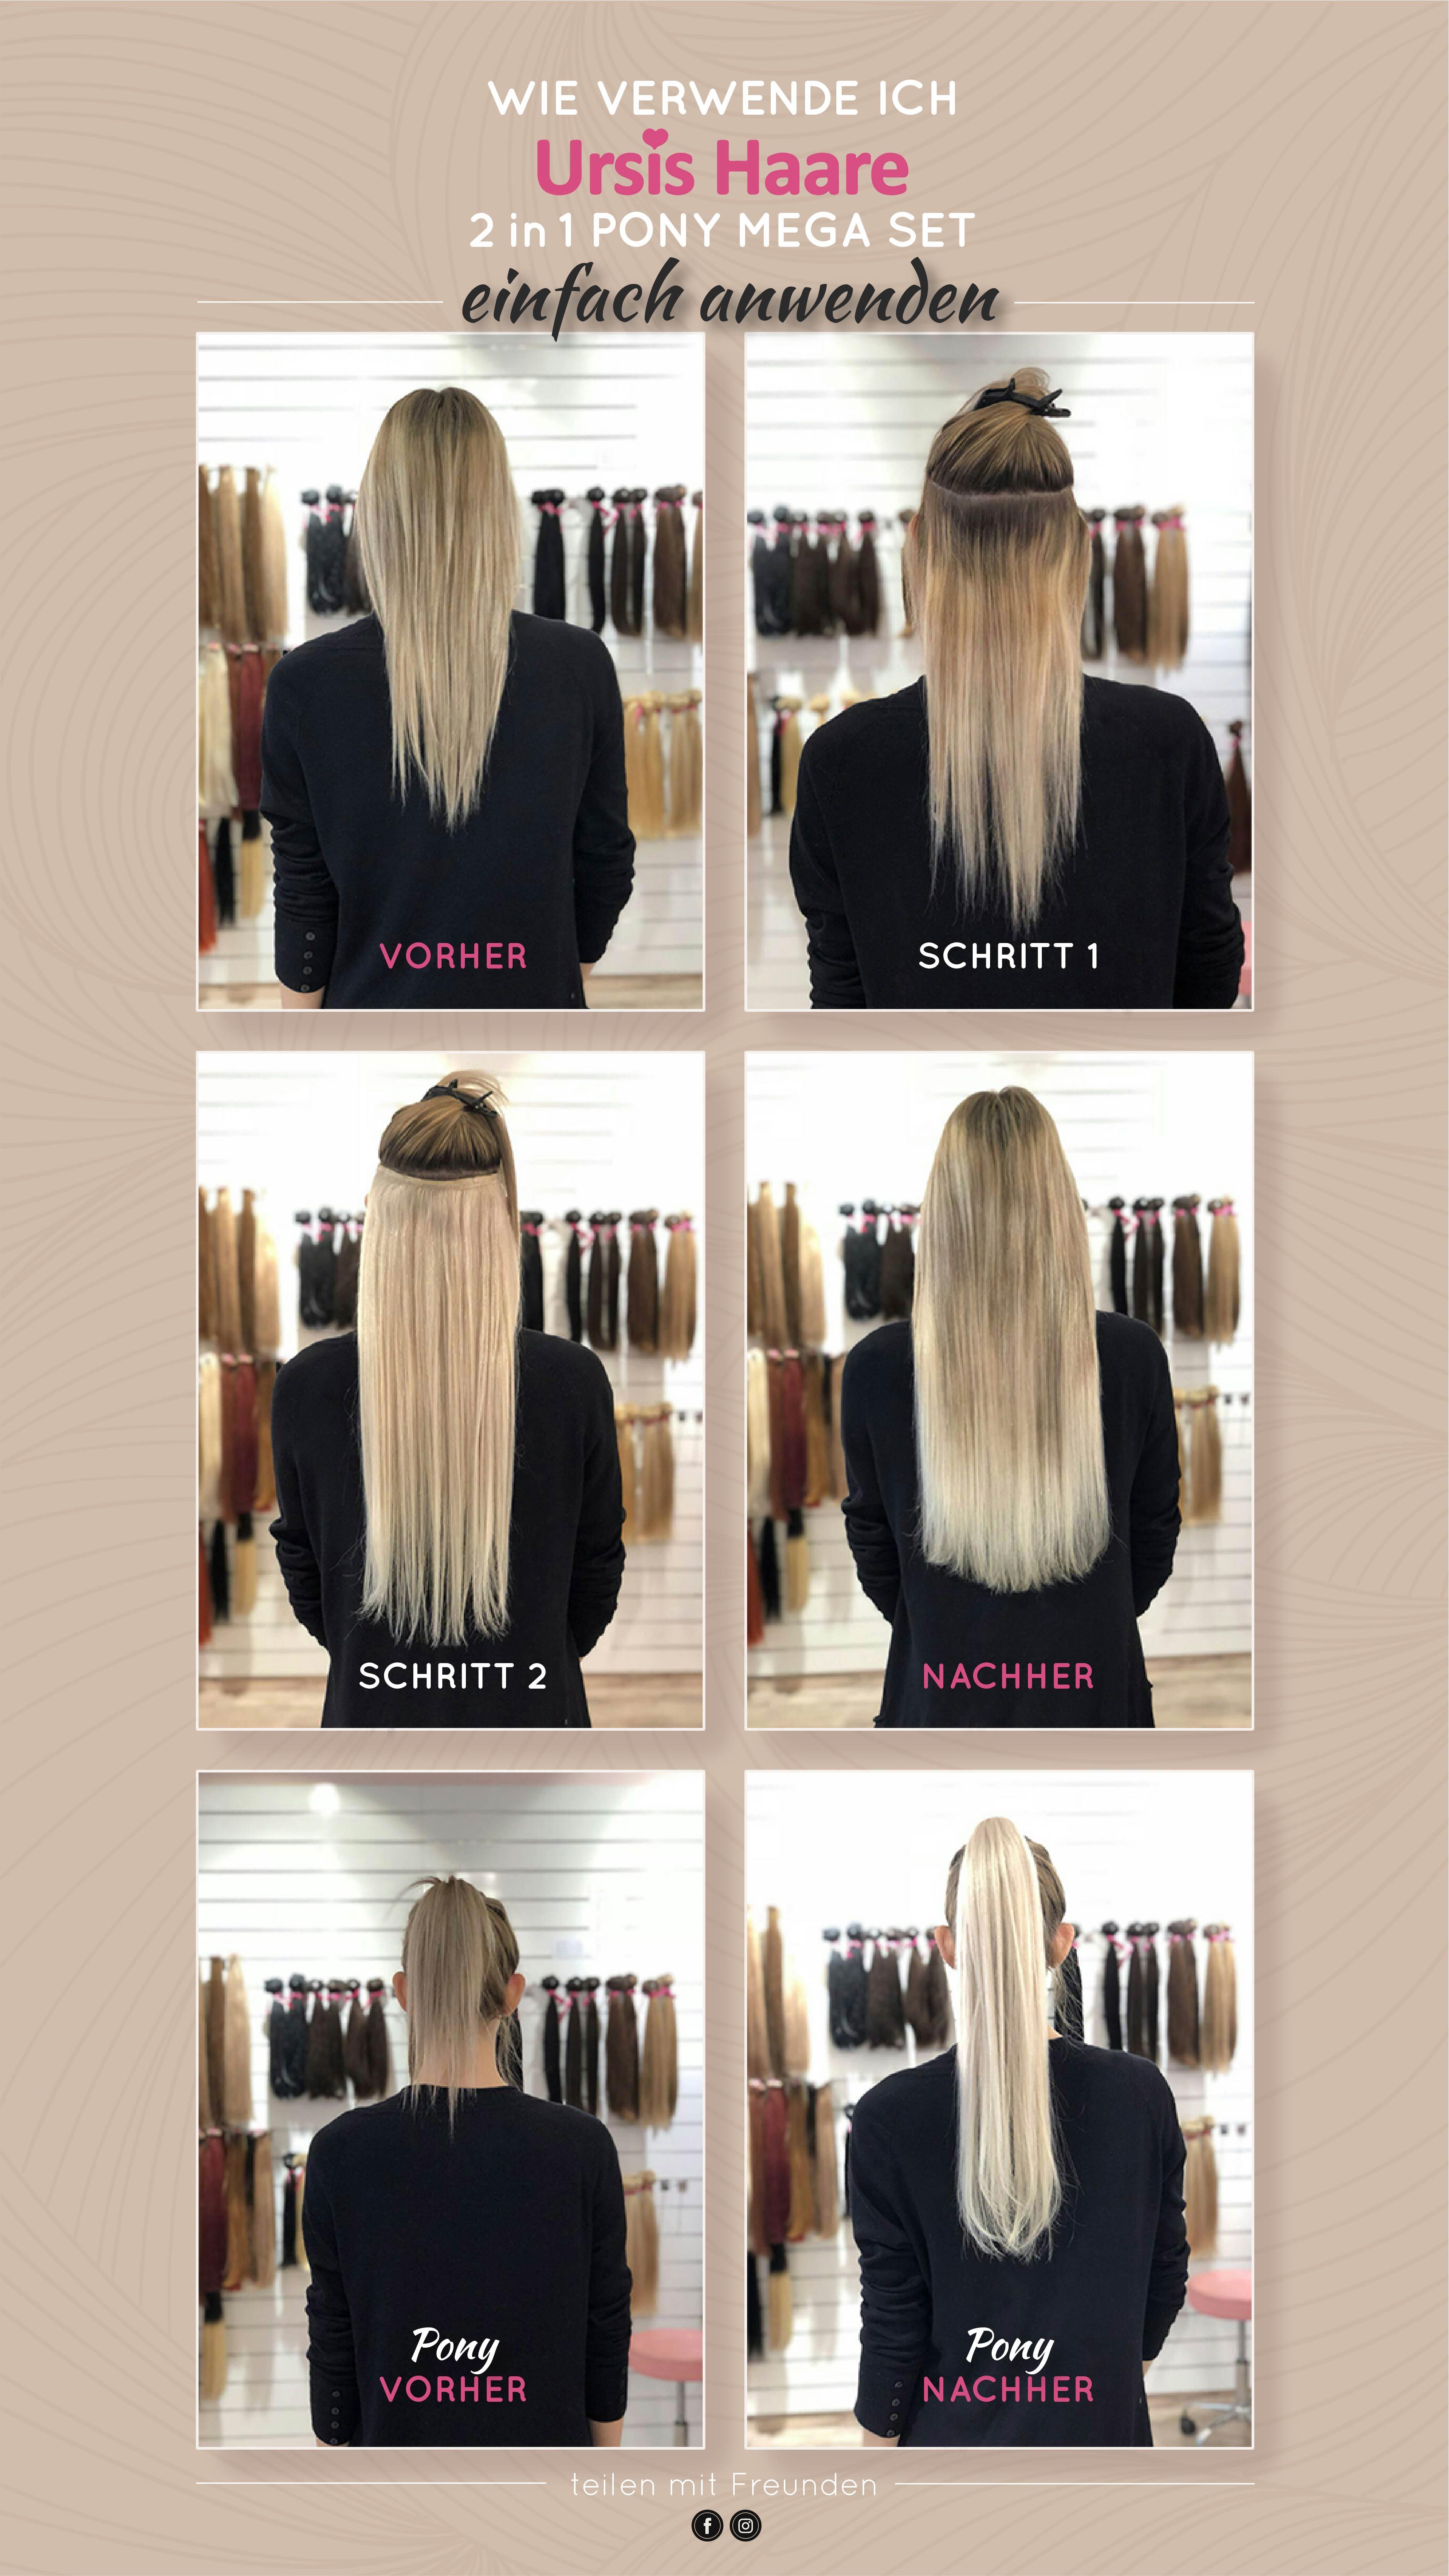 Haarverlangerung ursis haare